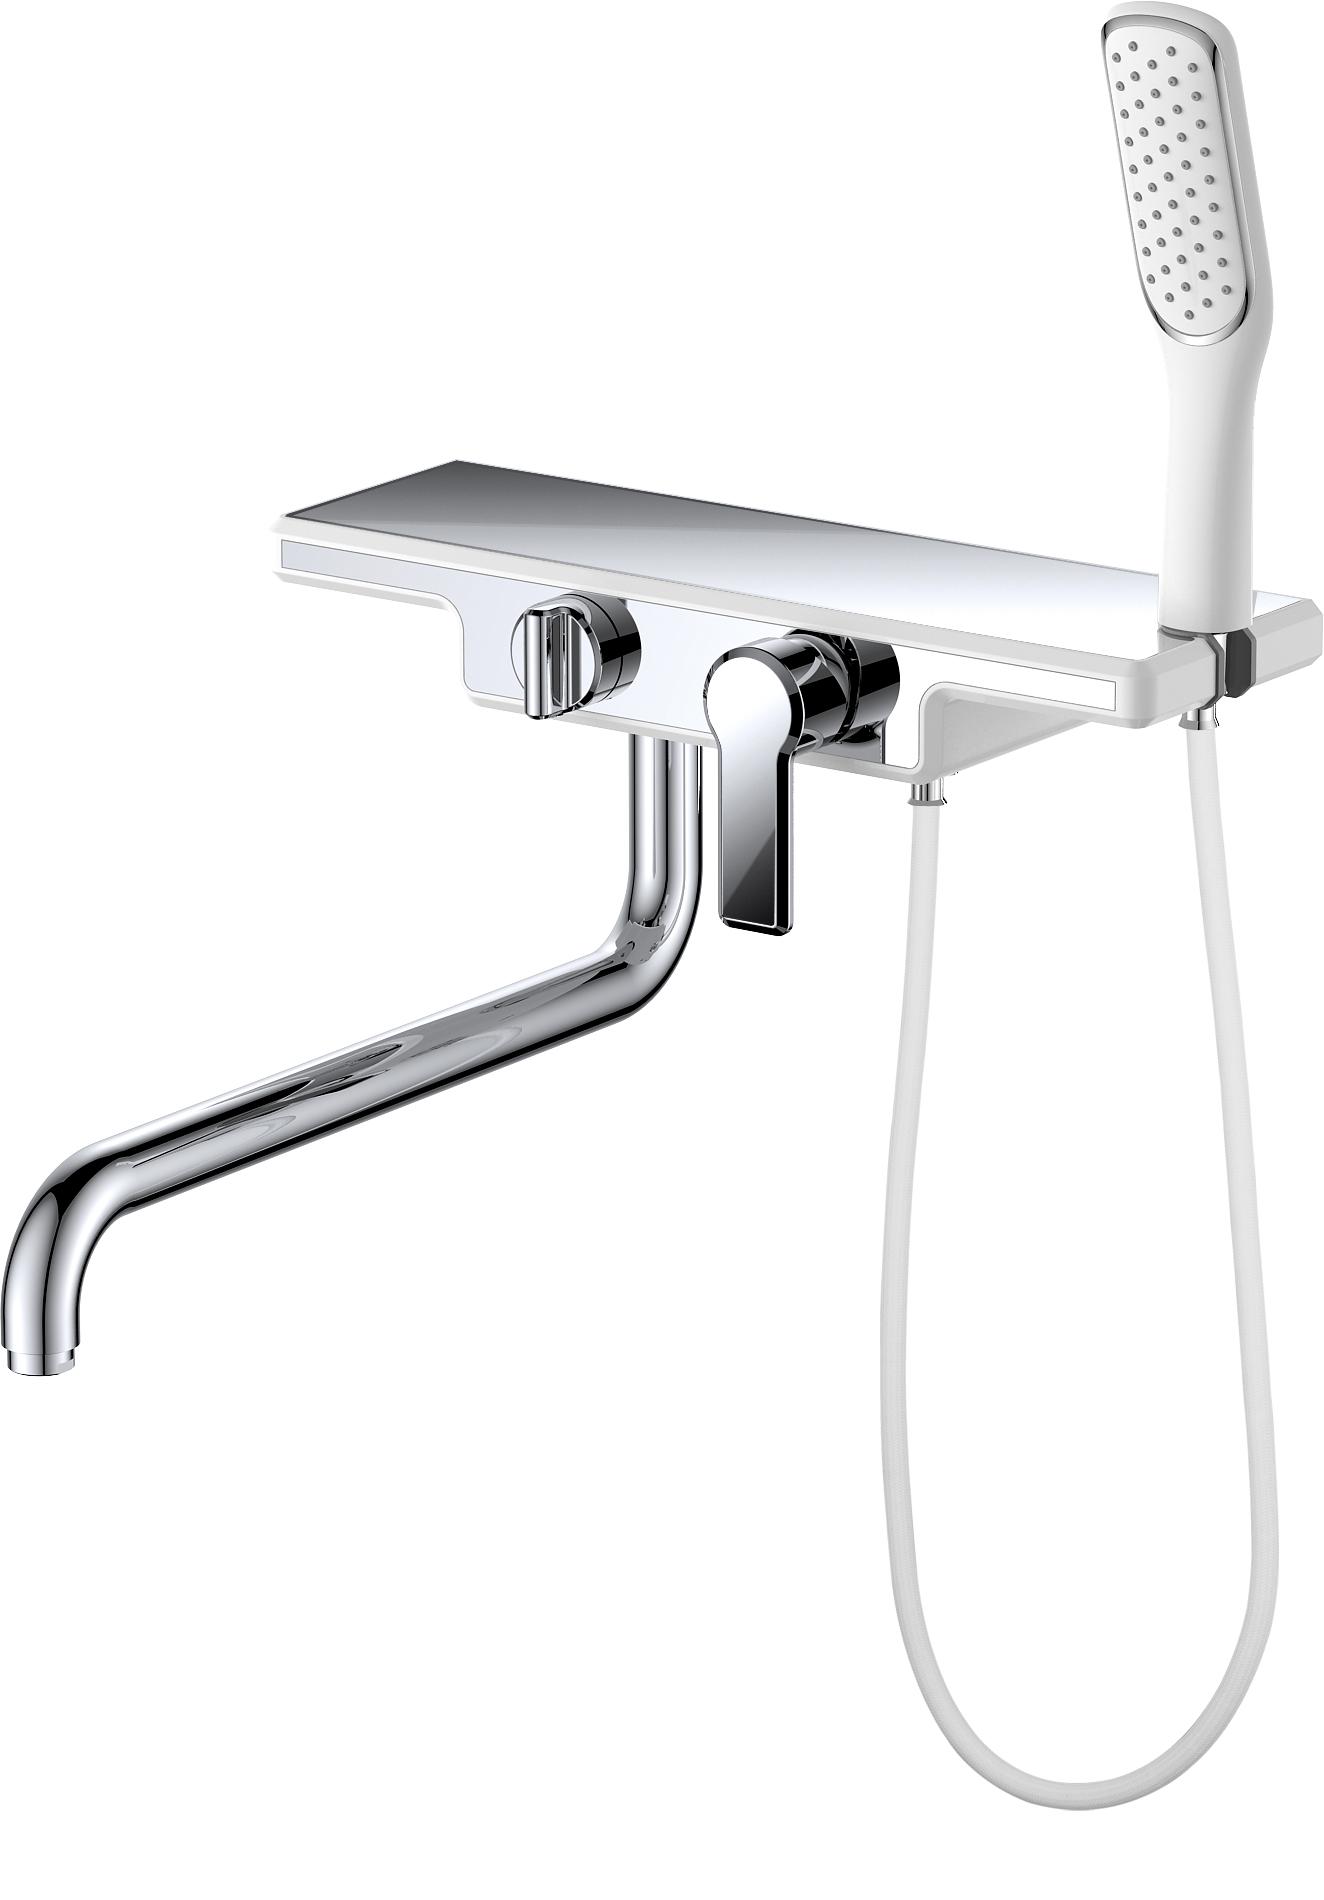 Смеситель для ванны с душем D&K Berlin.Steinbeis DA1453316 длинный излив белый-хром